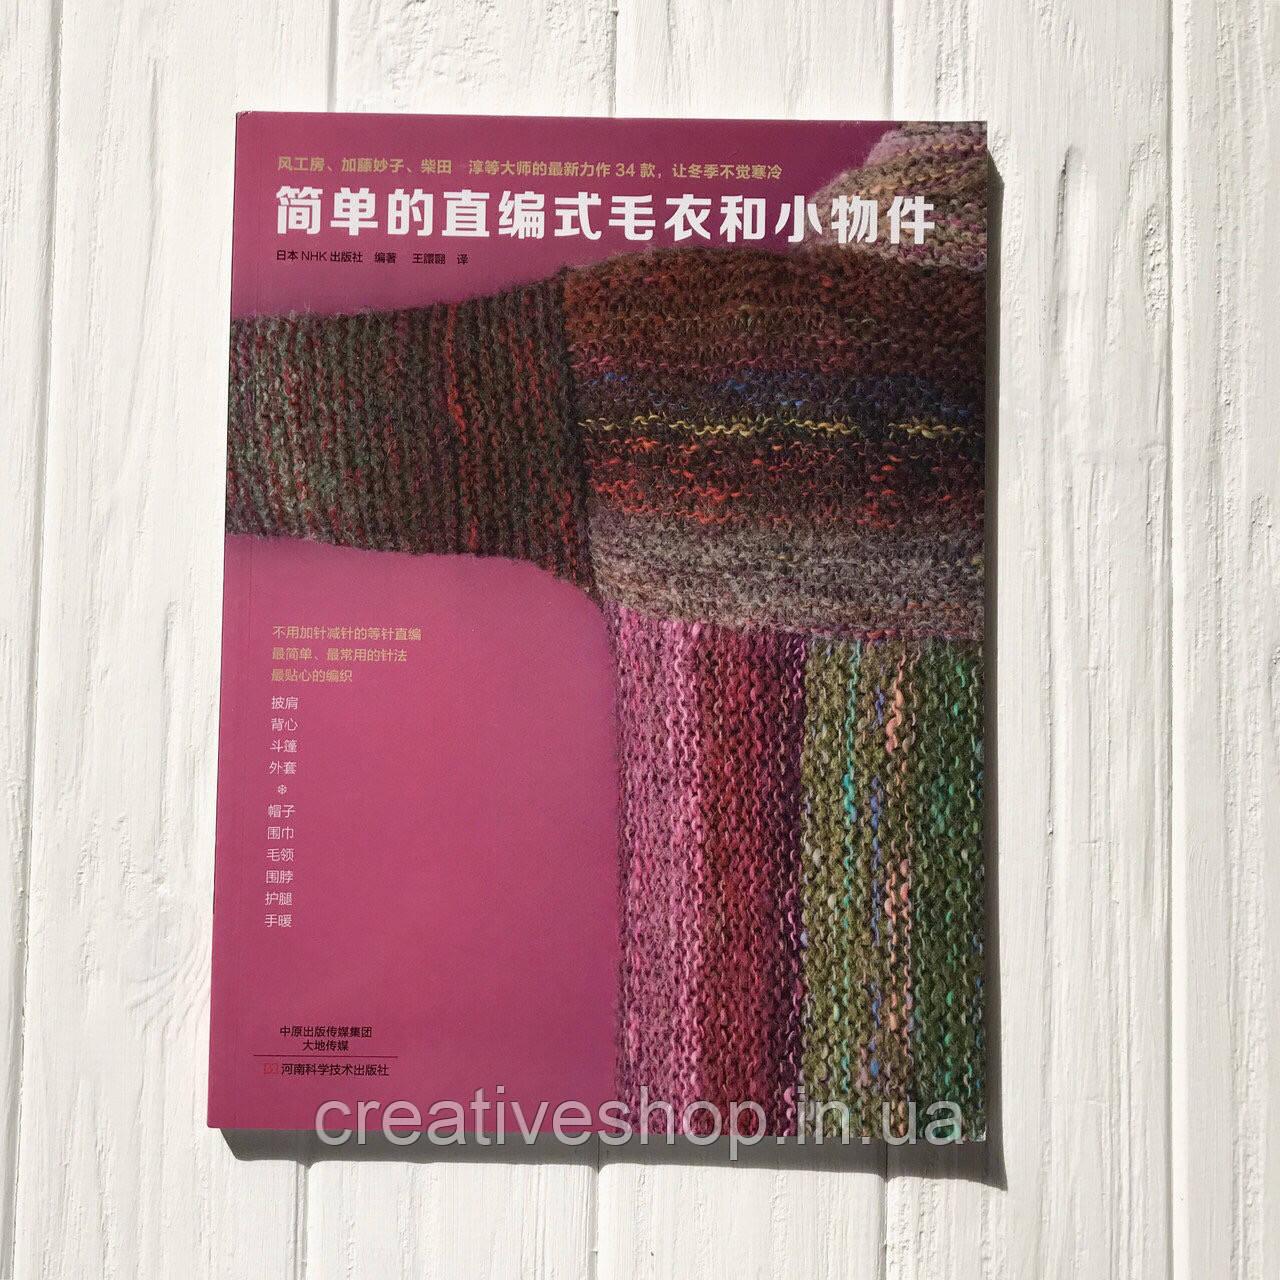 """Японский каталог по вязанию """"Модели простого кроя"""""""